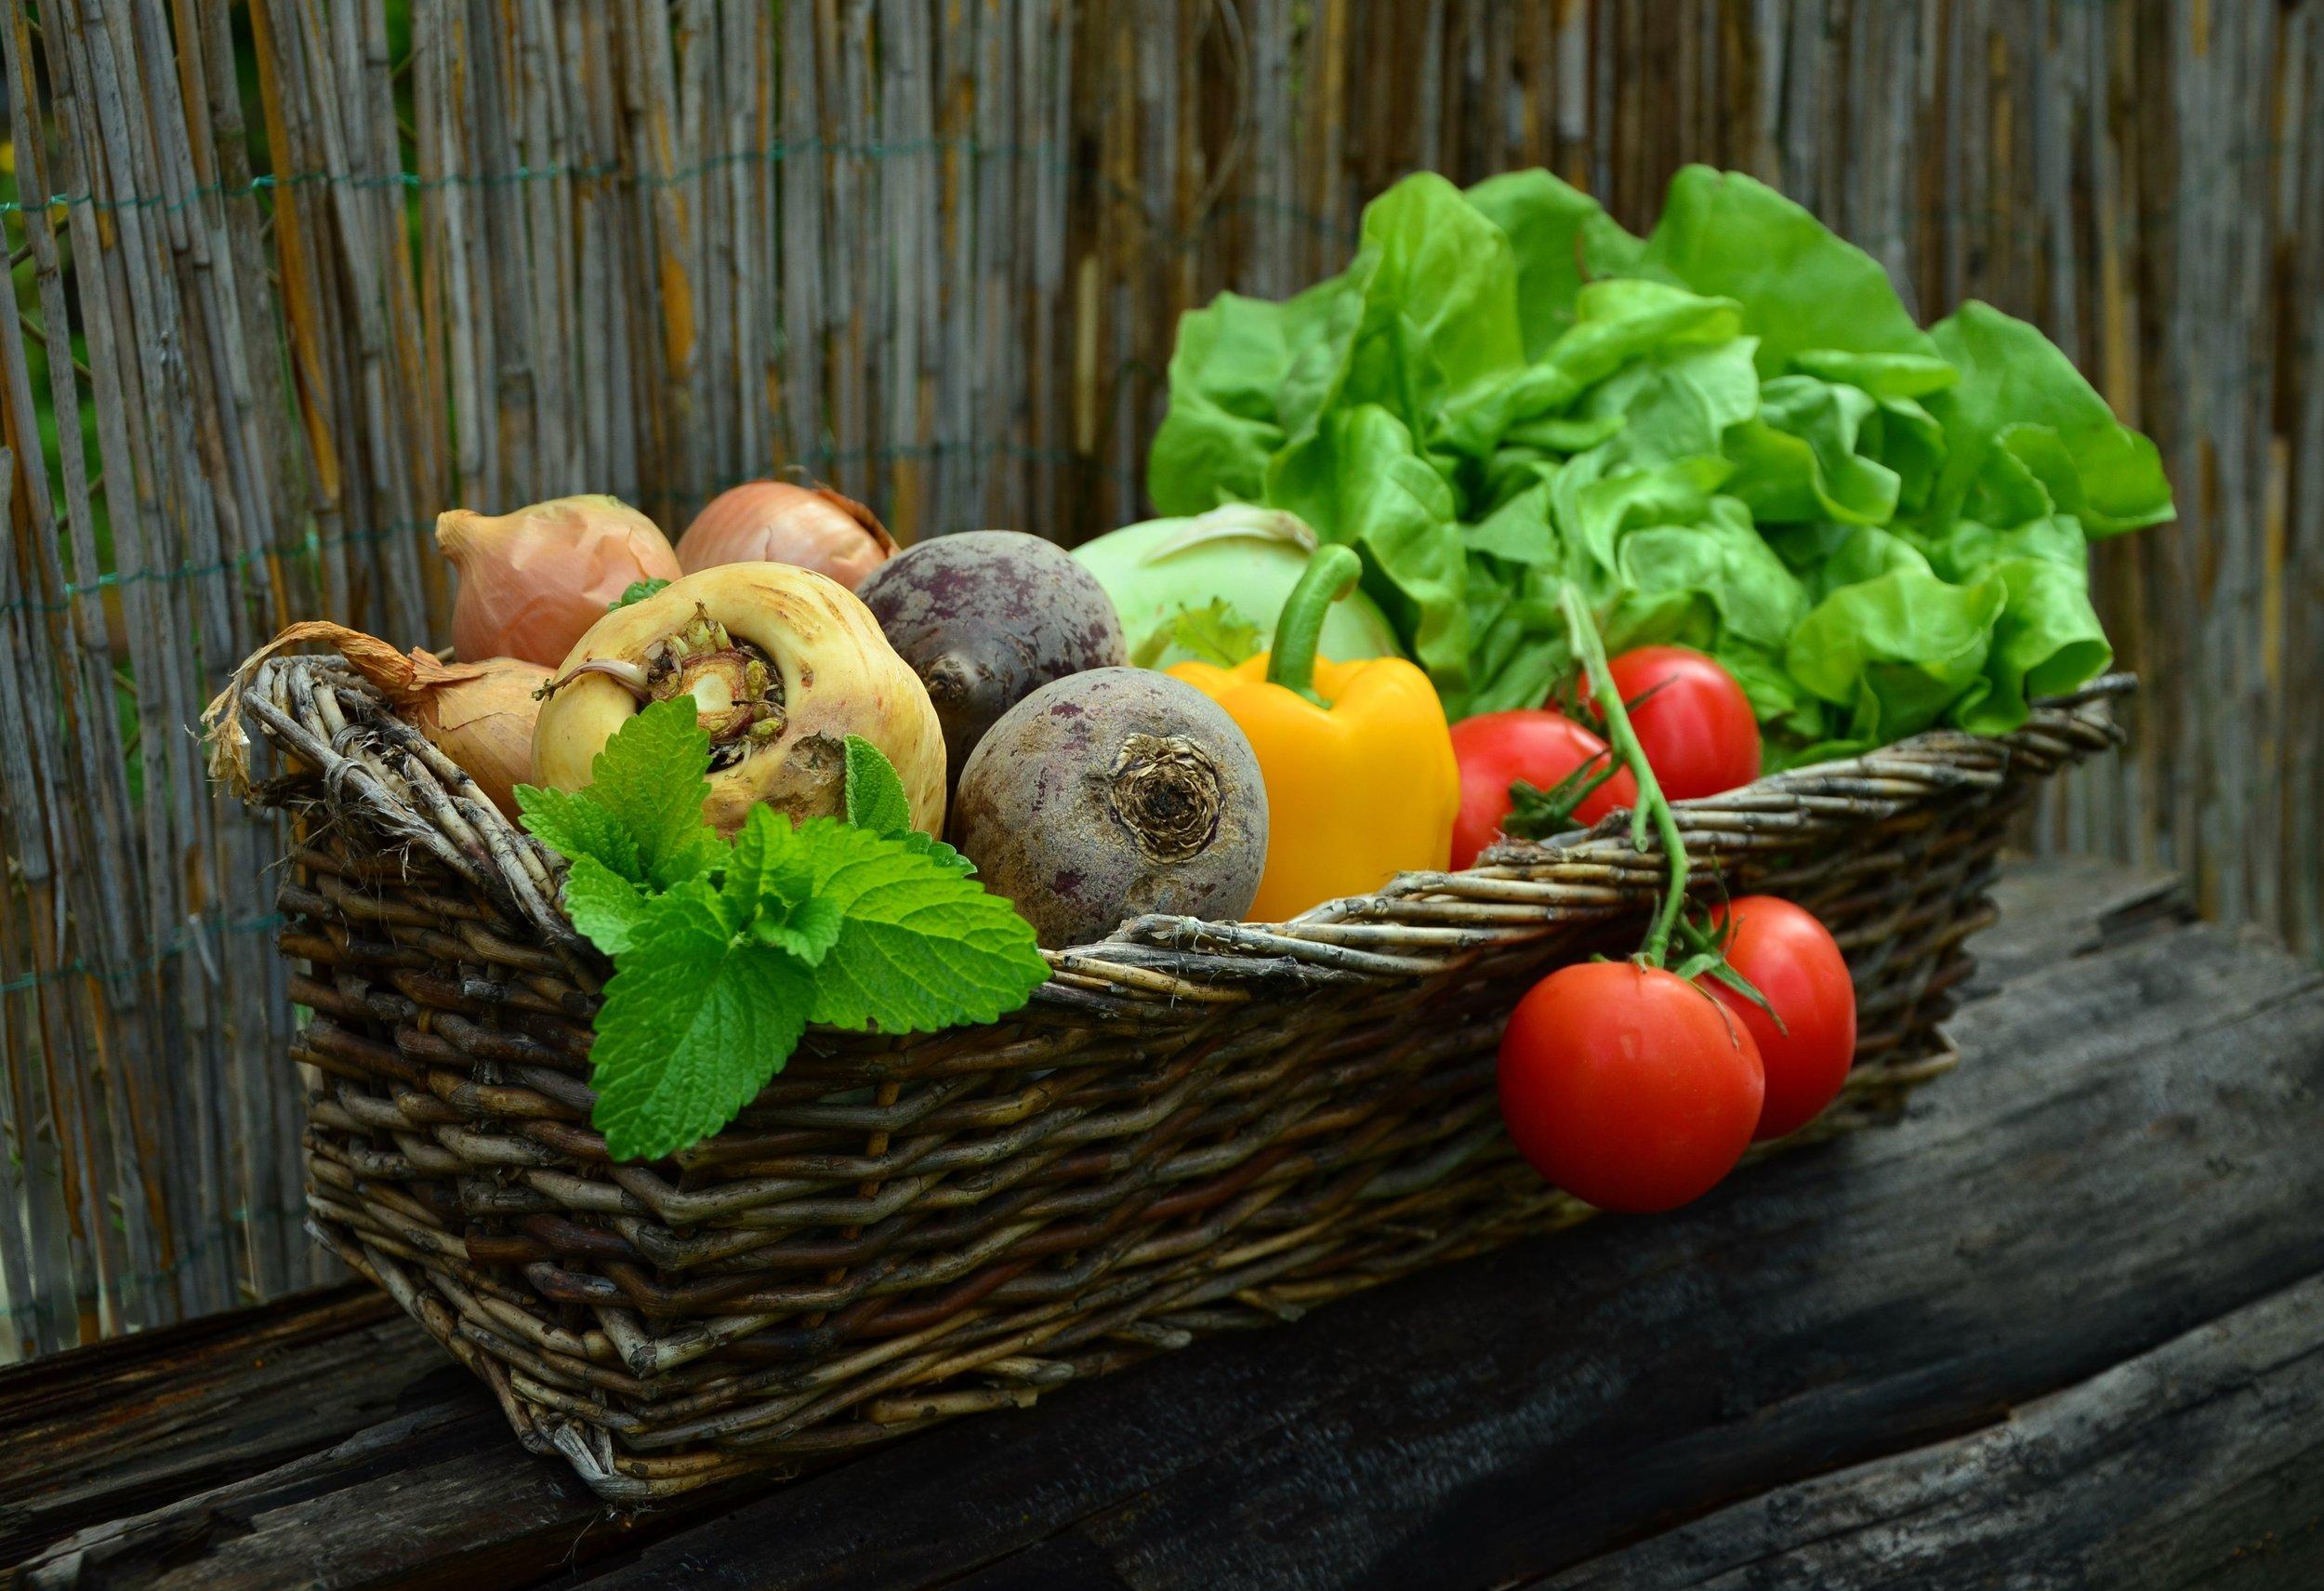 food-fresh-vegetables-36740.jpg